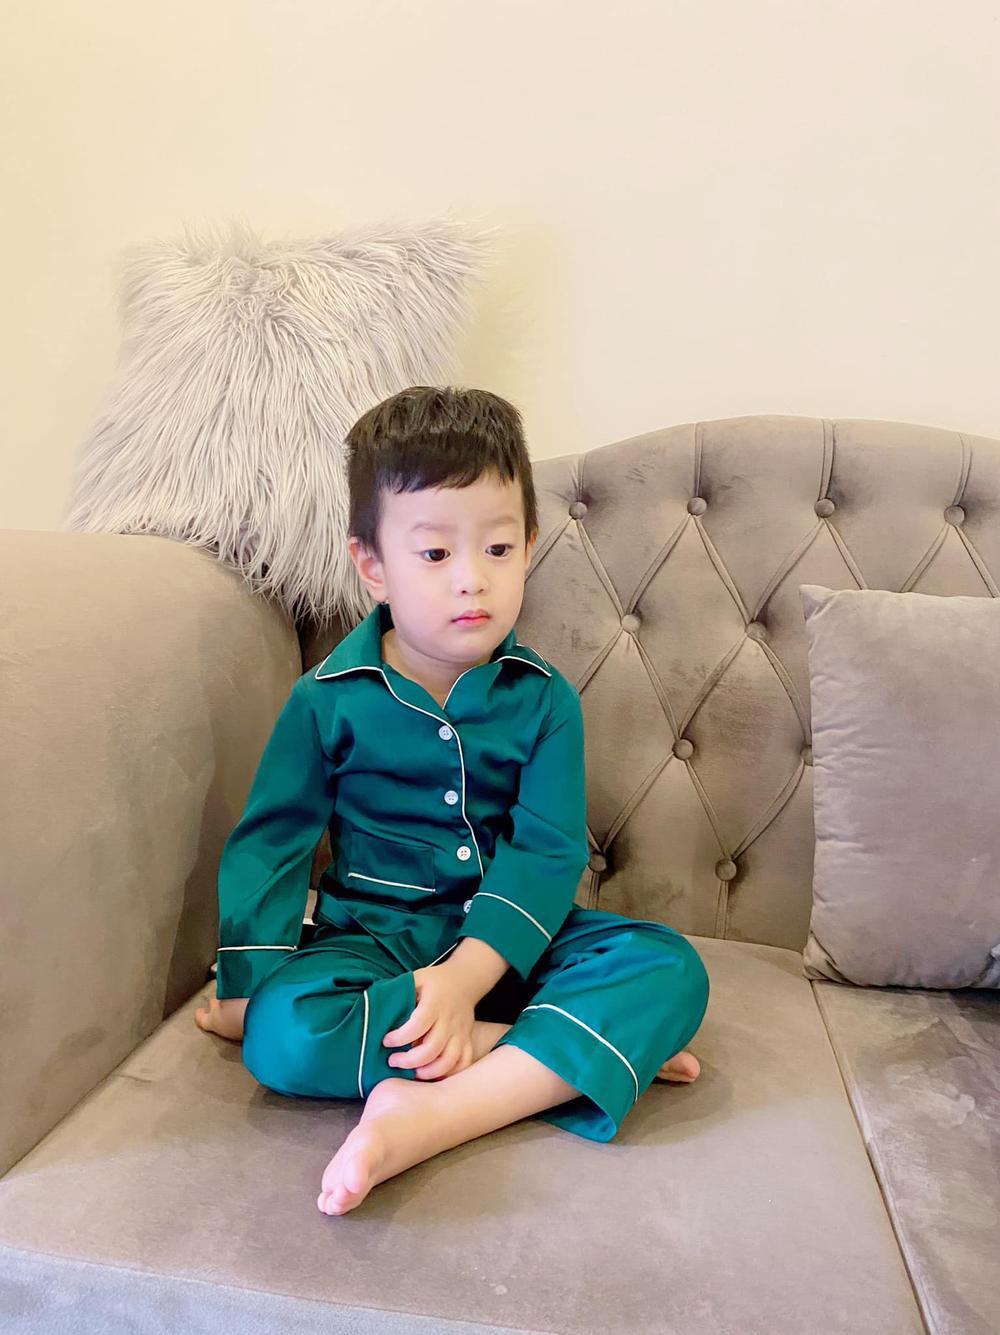 Từng căng thẳng hậu ly hôn, nay Việt Anh đã thoải mái qua nhà vợ cũ phụ chăm con trai Ảnh 4